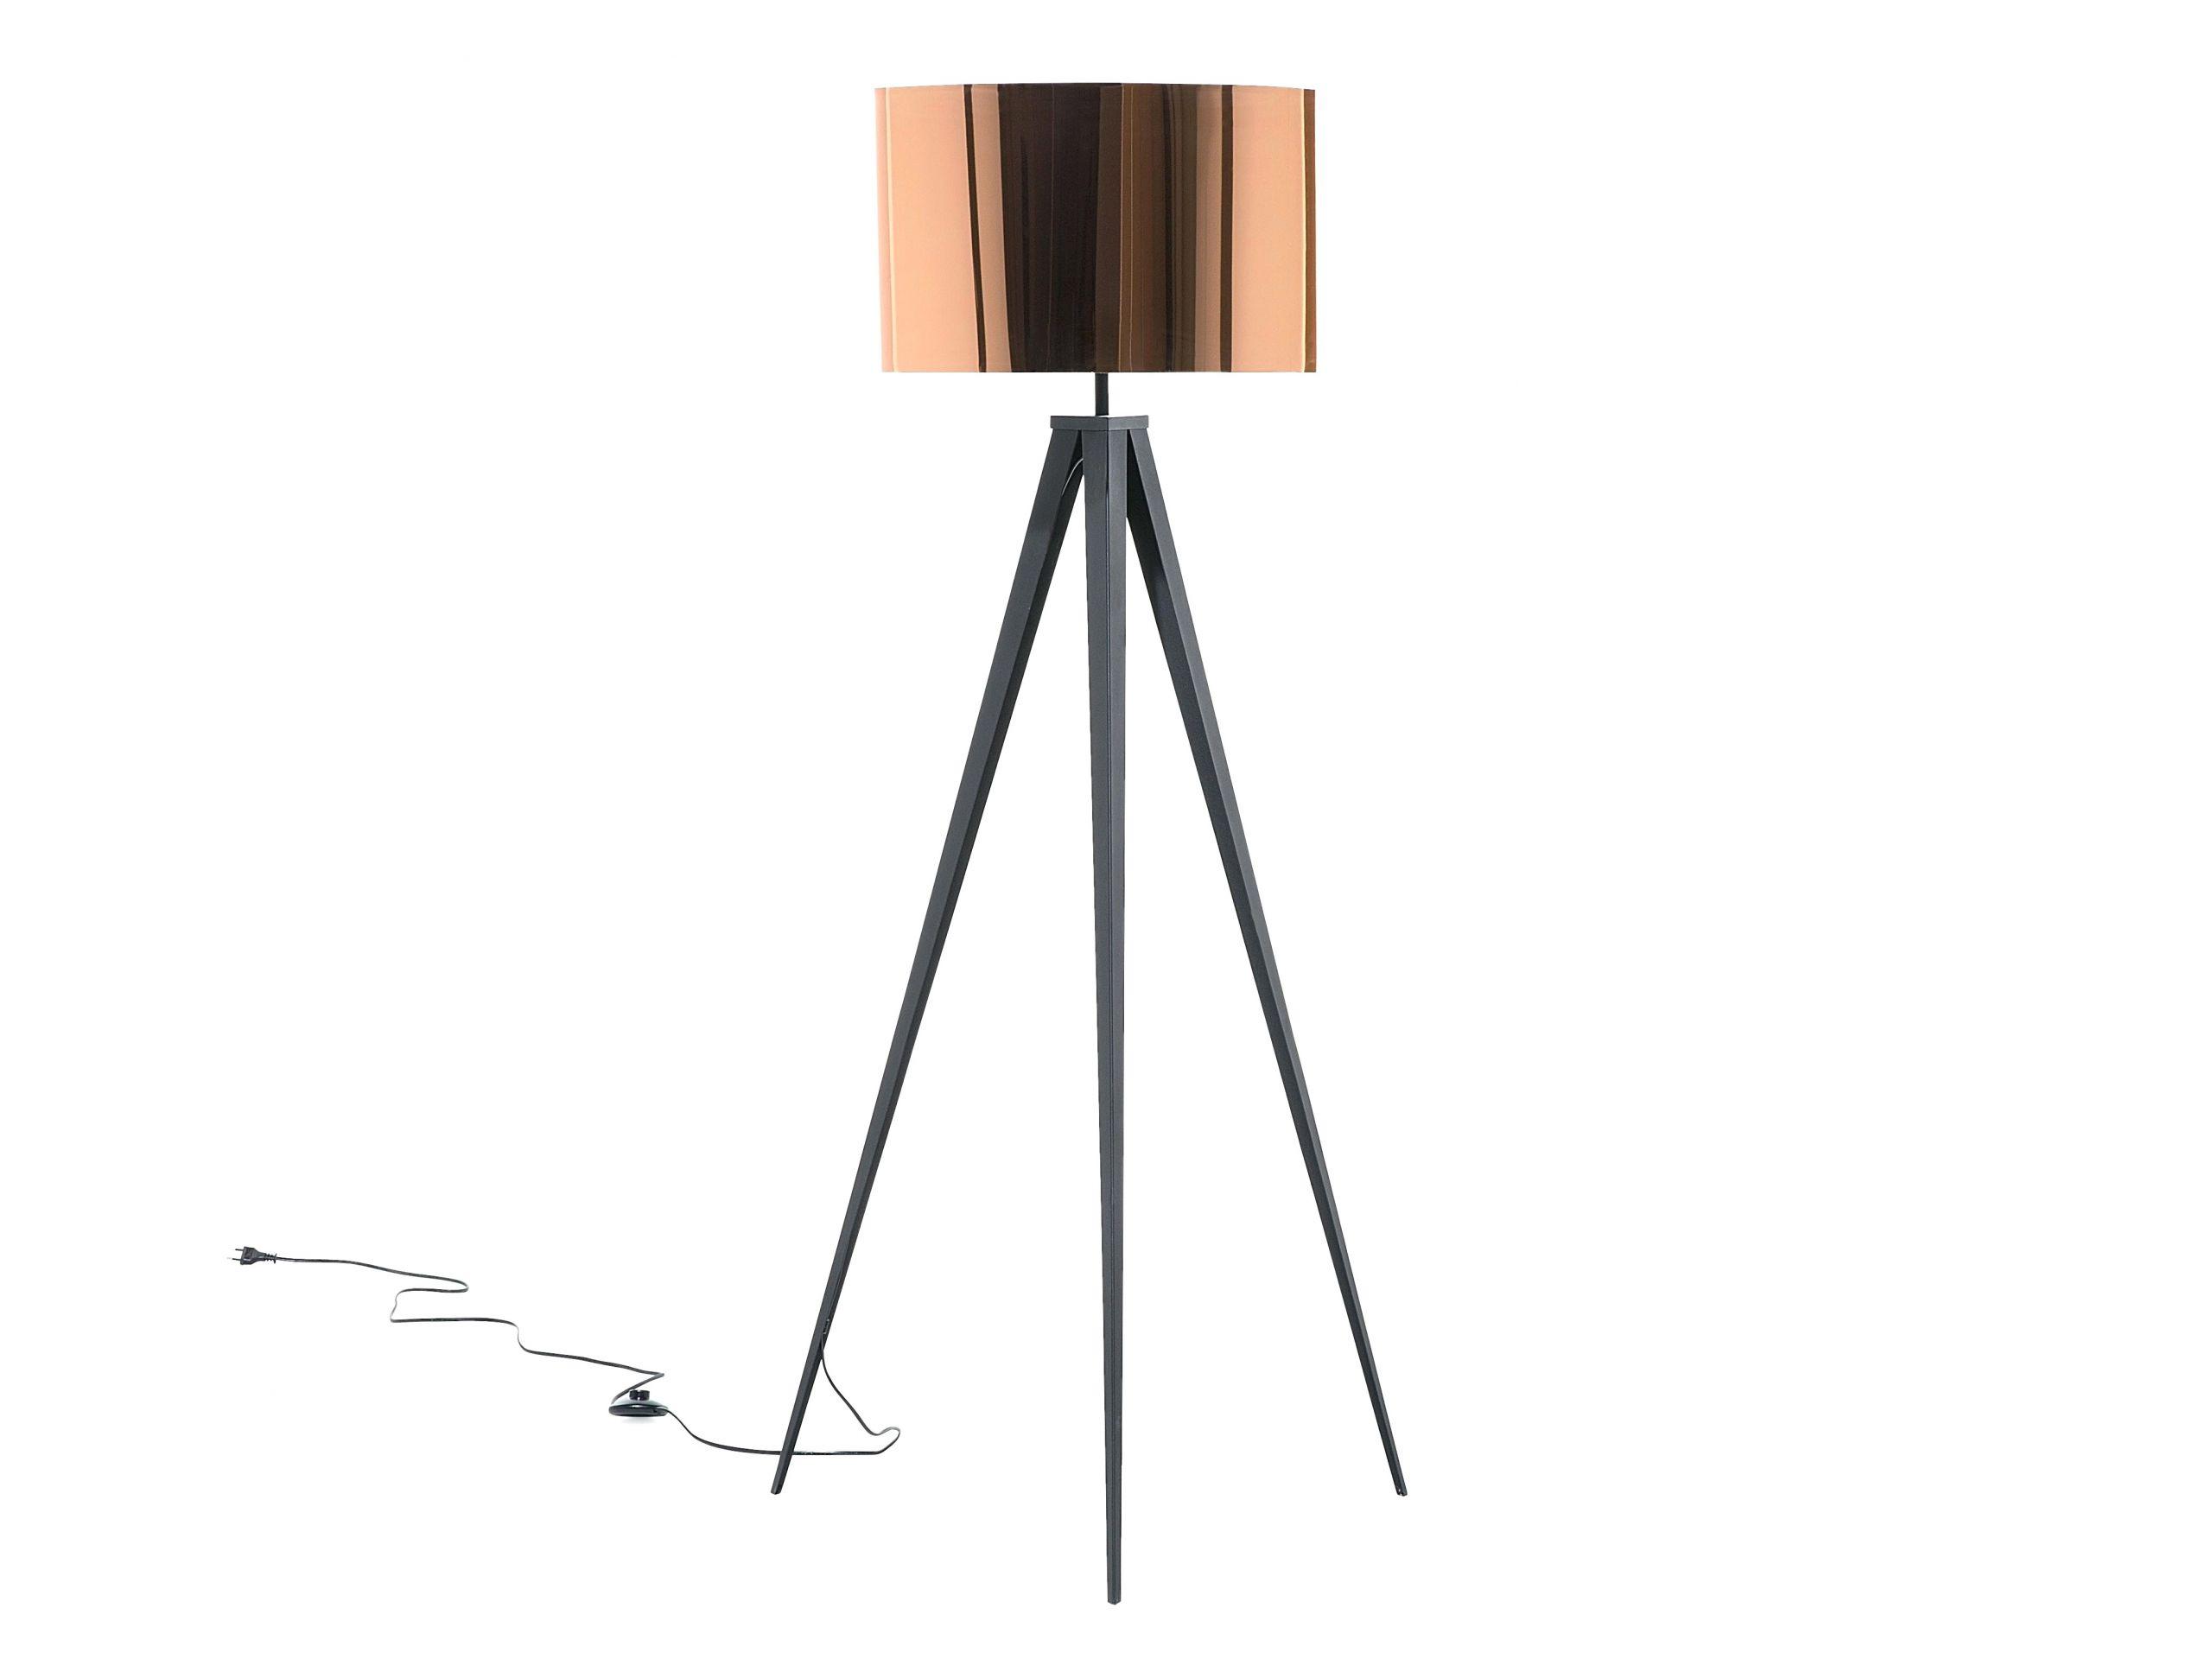 lampadaire design luminaire lampe de salon cuivre stiletto avec pas cher interieur conforama exterieur castorama et or merveilleux moderne beautiful org